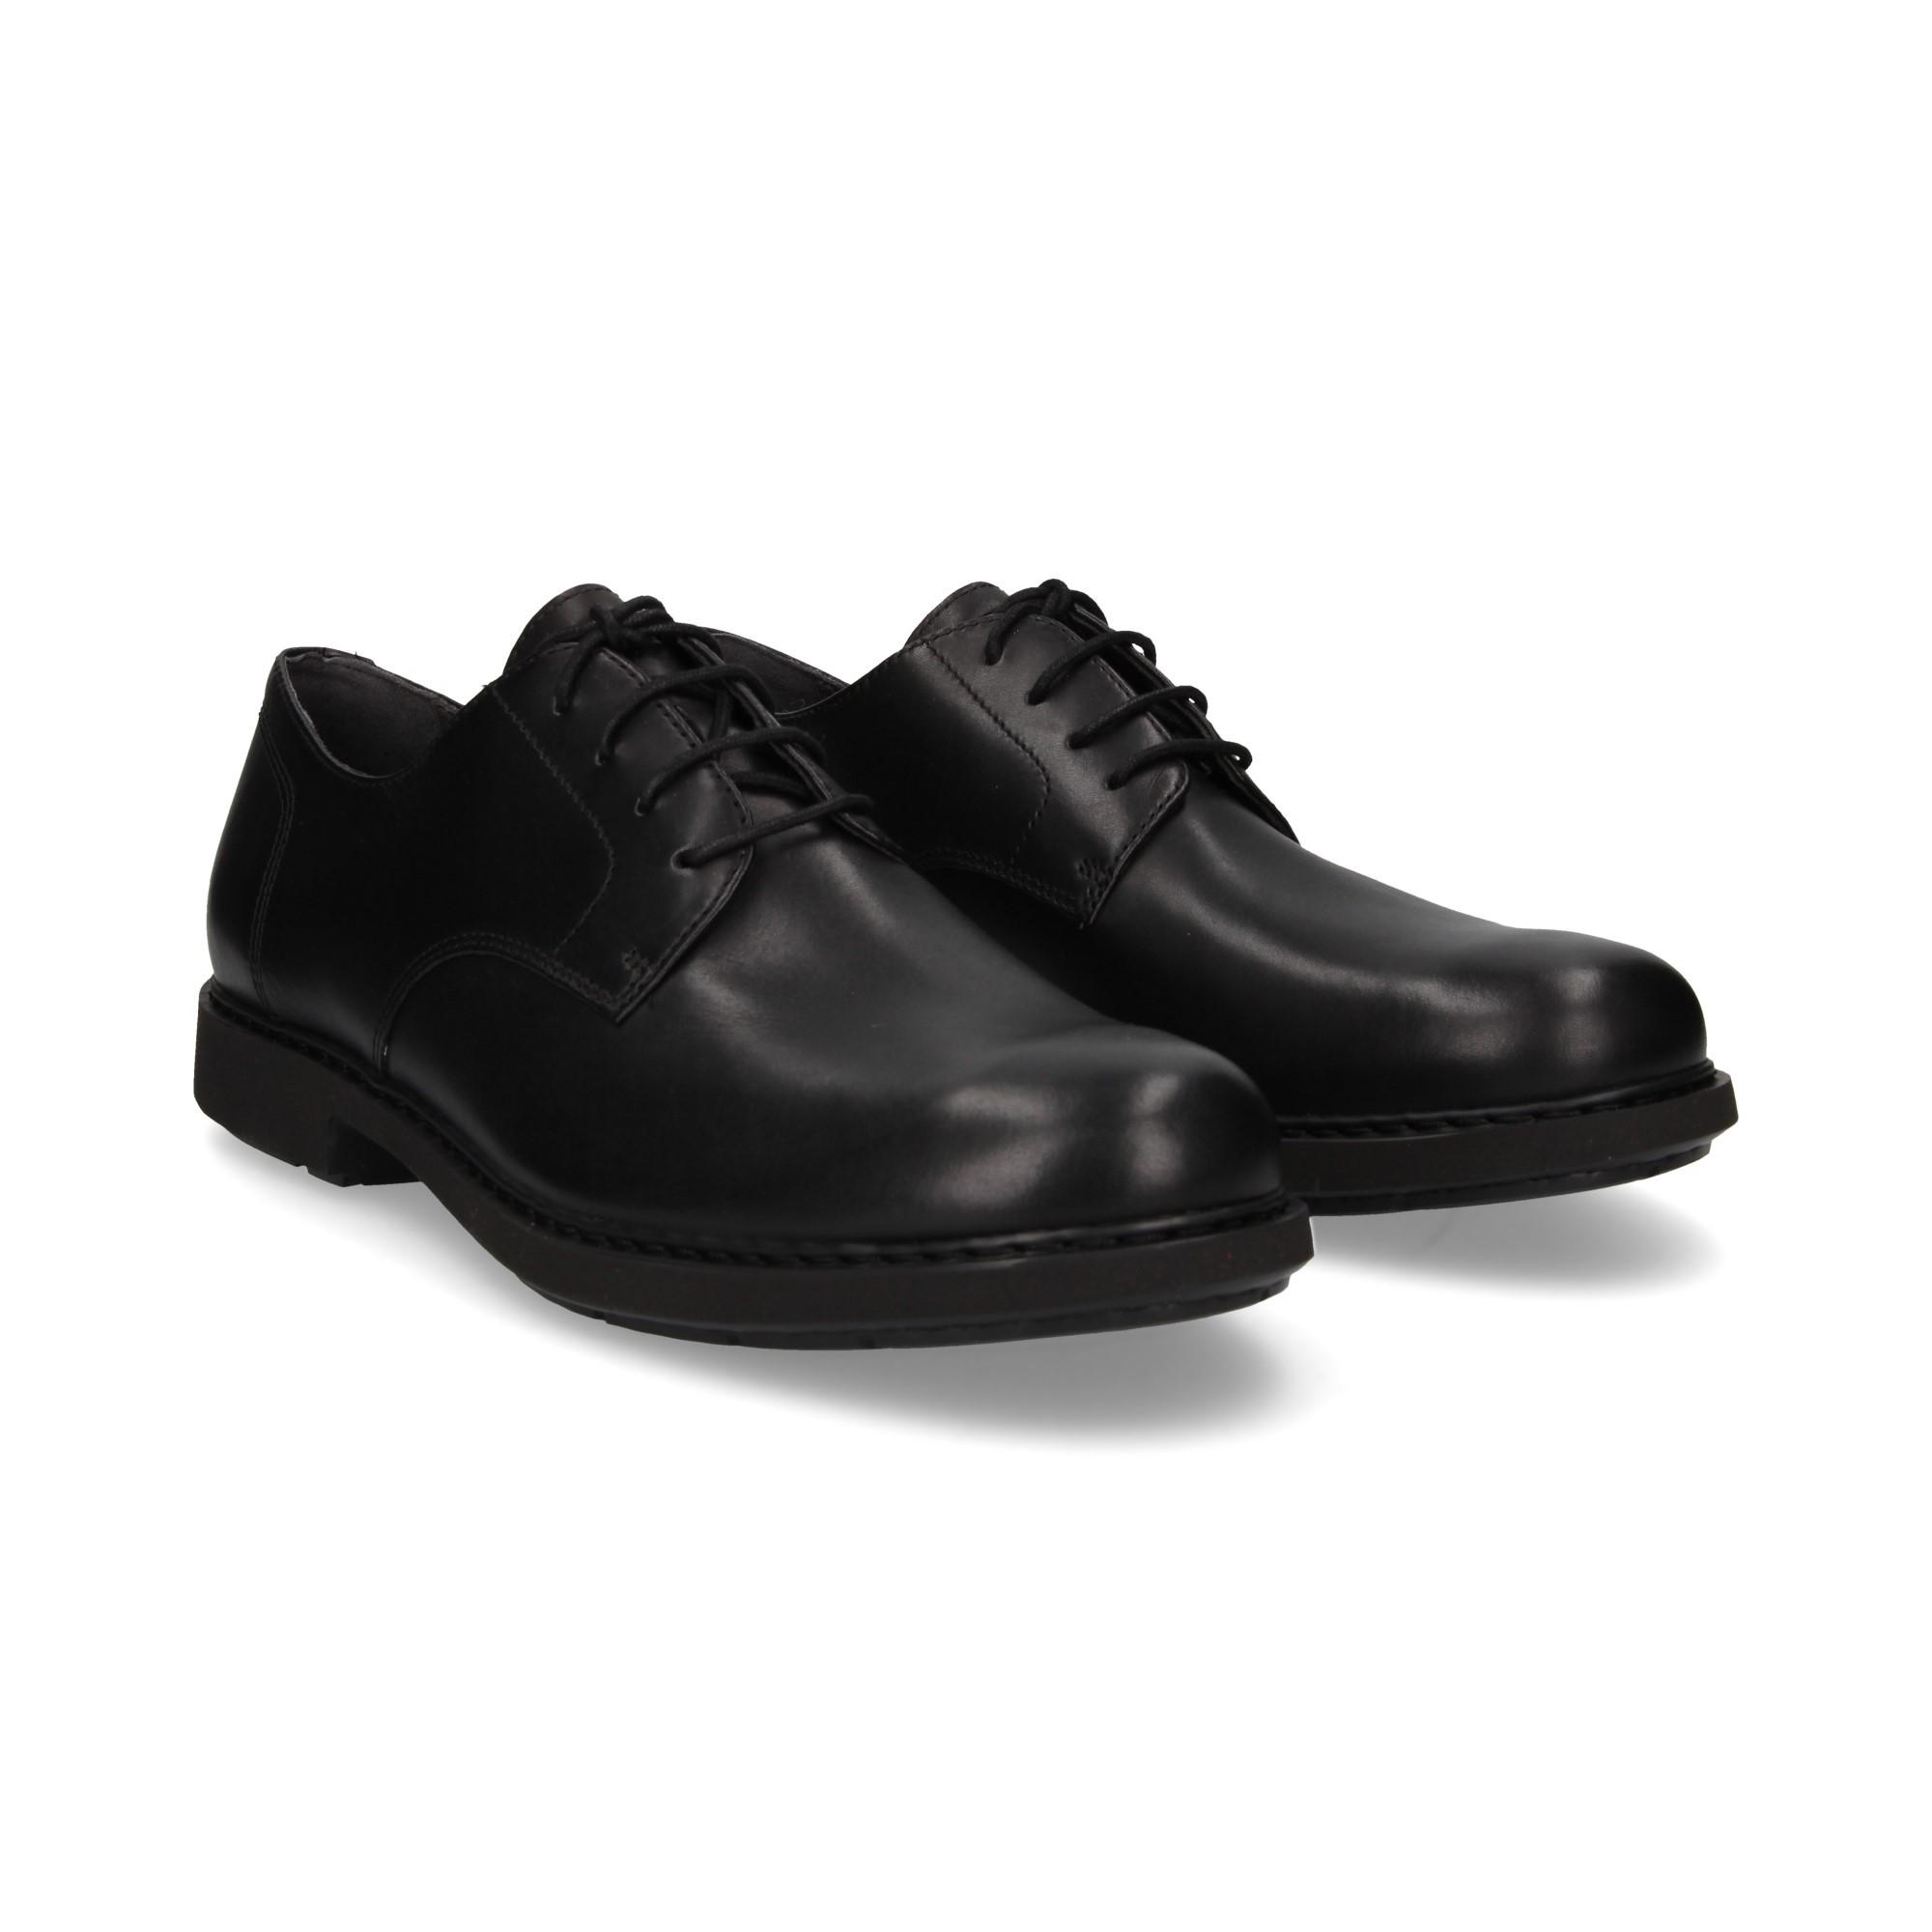 Zapatos Zwagyqq Negro De Hombre Ranqw0 Camper Vestir 008 K100152 nq7qXBH